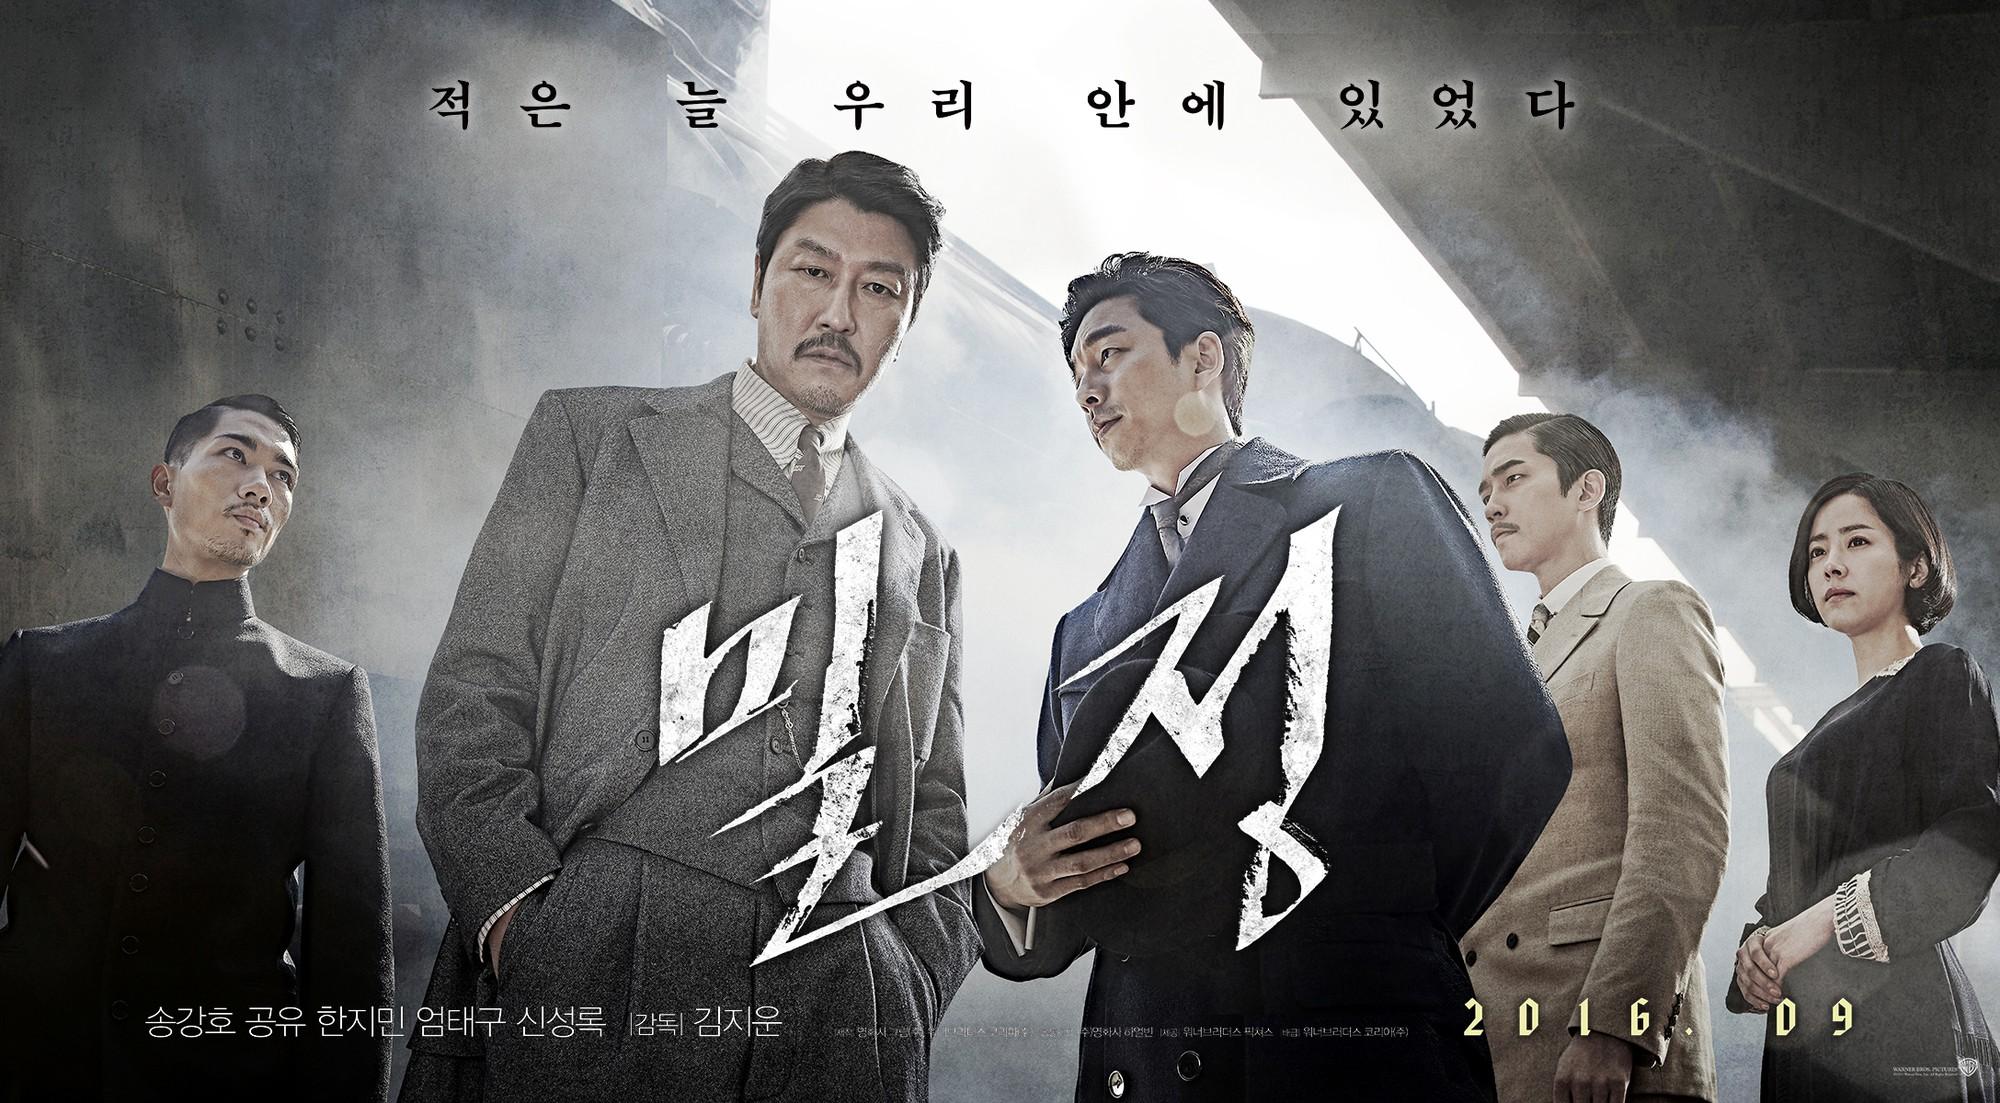 Từ hanbok tới thời trang hiện đại: Mãn nhãn với 8 phim Hàn có trang phục đẹp nhất màn ảnh - Ảnh 17.